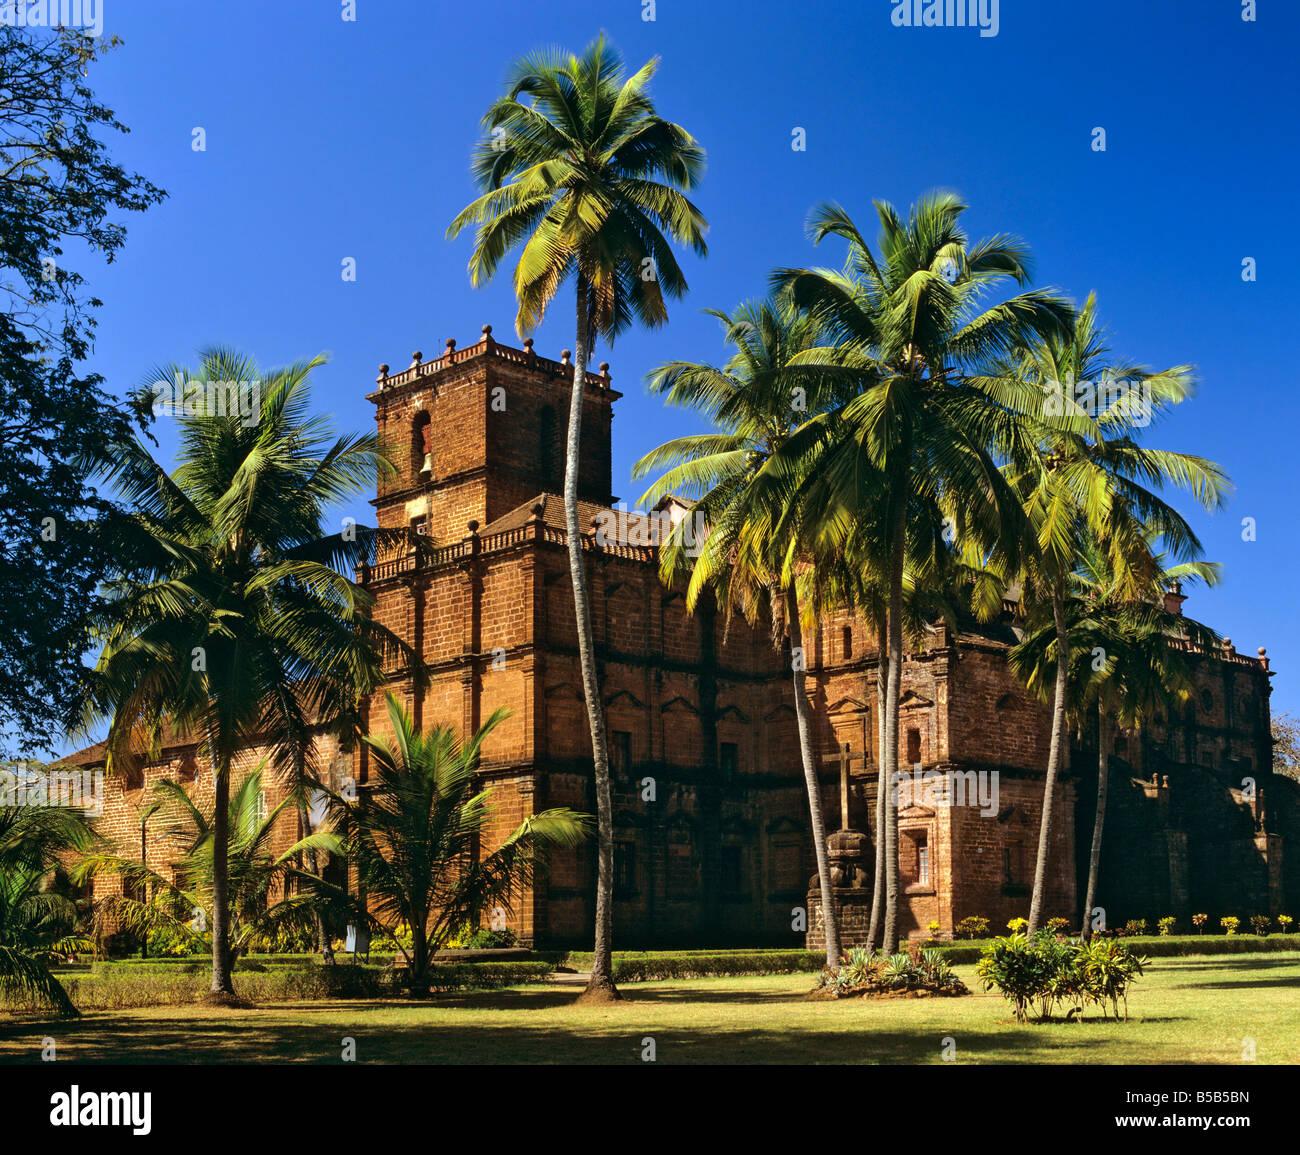 Basilica do Bom Jesus in Goa, final resting place, Francisco de Xavier's burial site, Panji, Goa, India - Stock Image